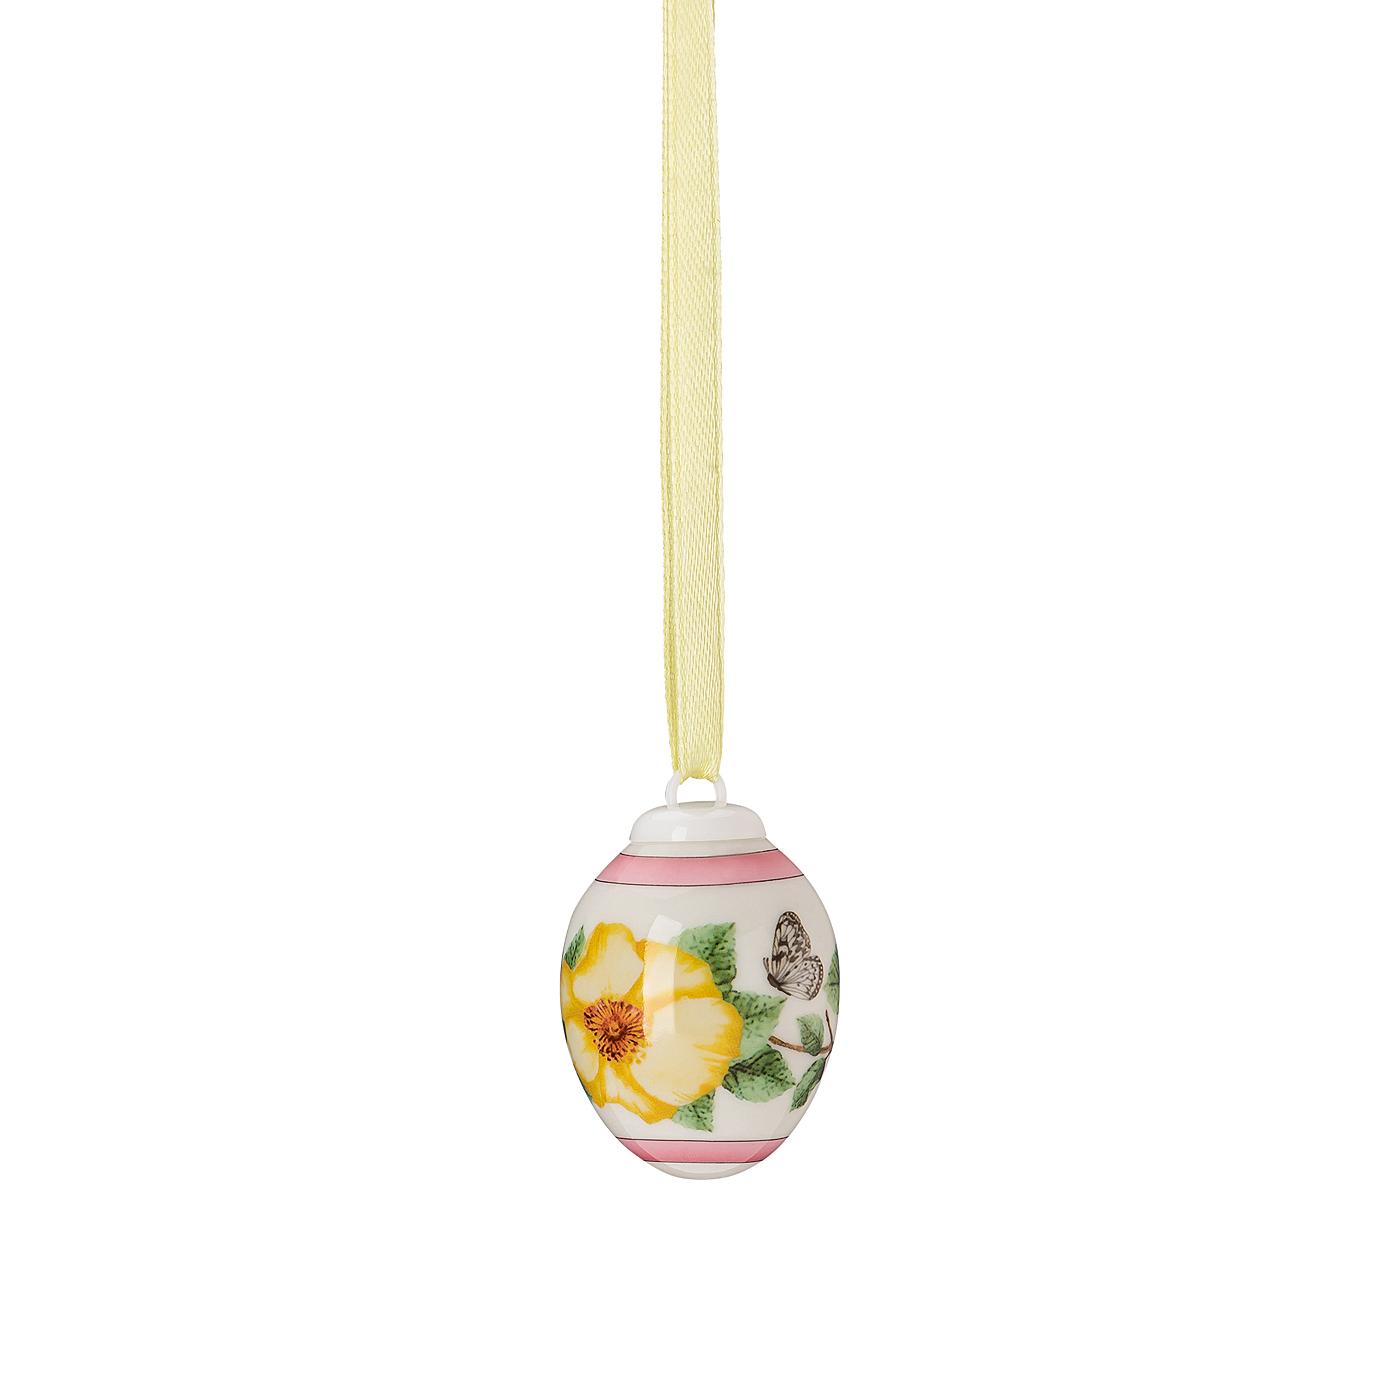 Porzellan-Mini-Ei Frühlingswiese Heckenrose - gelb Hutschenreuther